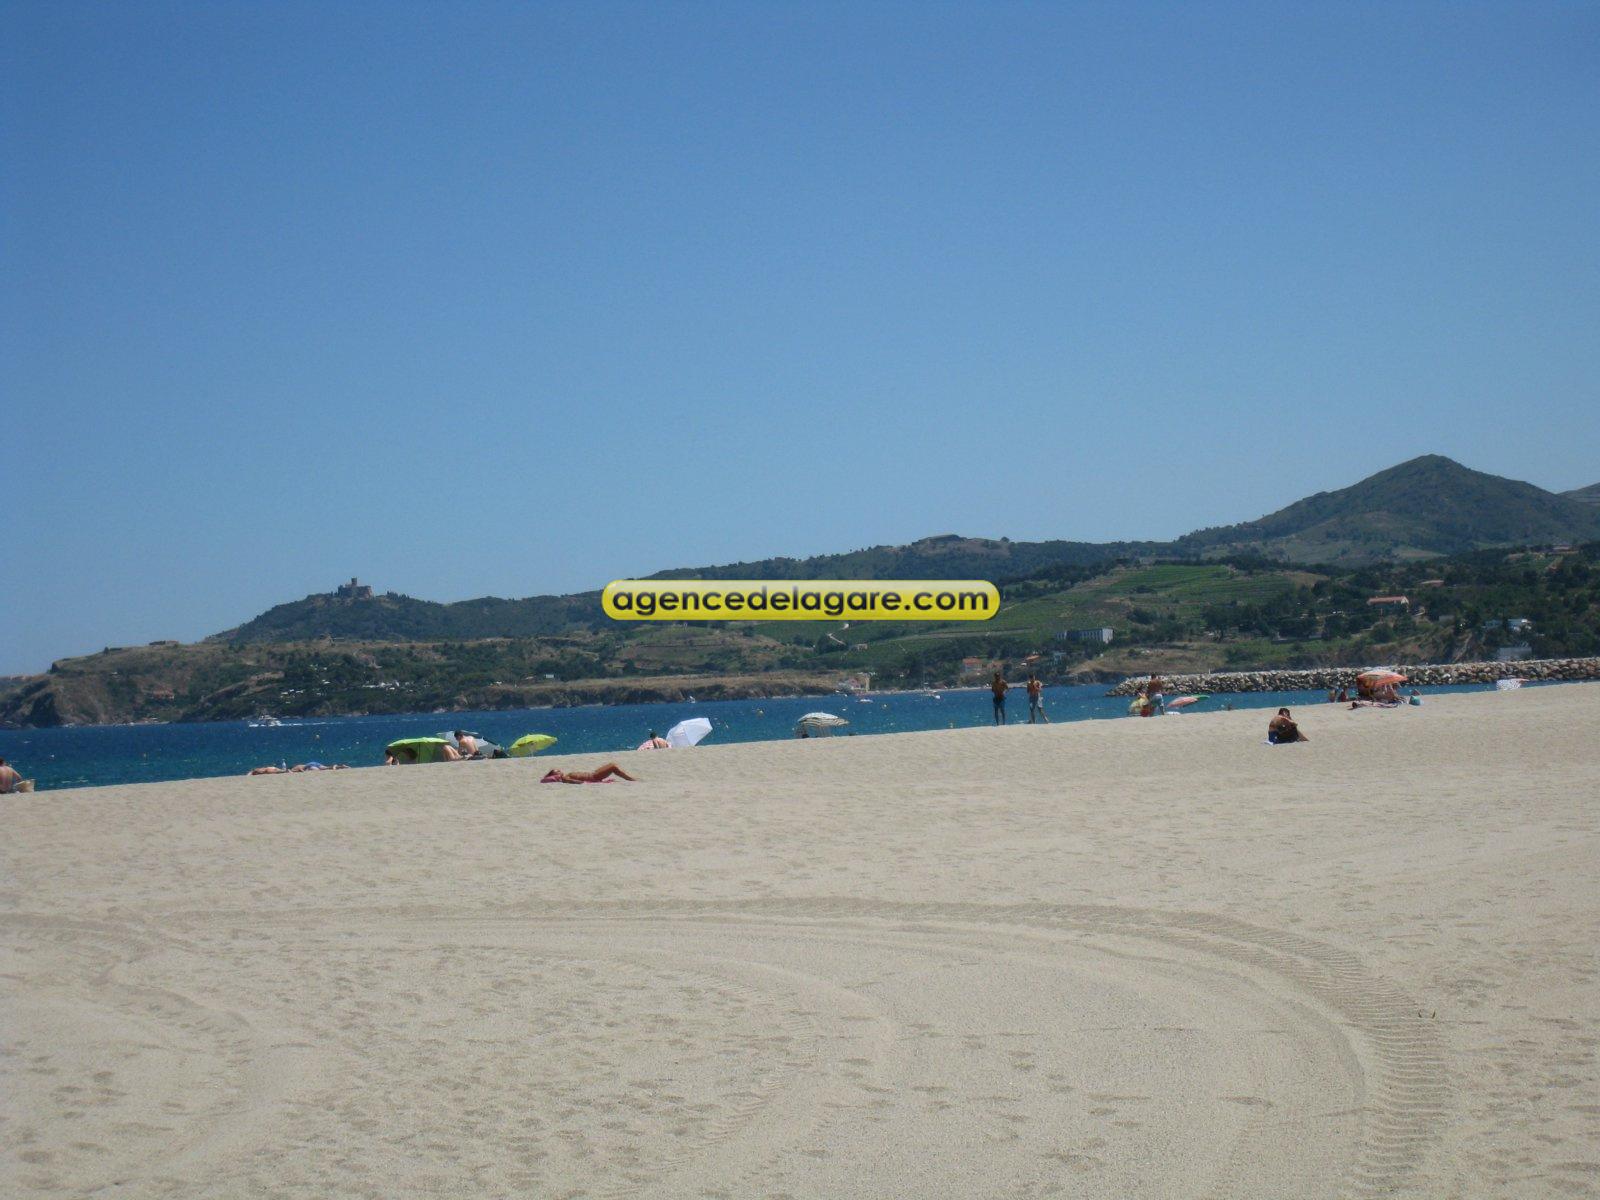 Faites quelques metres et allongez-vous sur le sable...